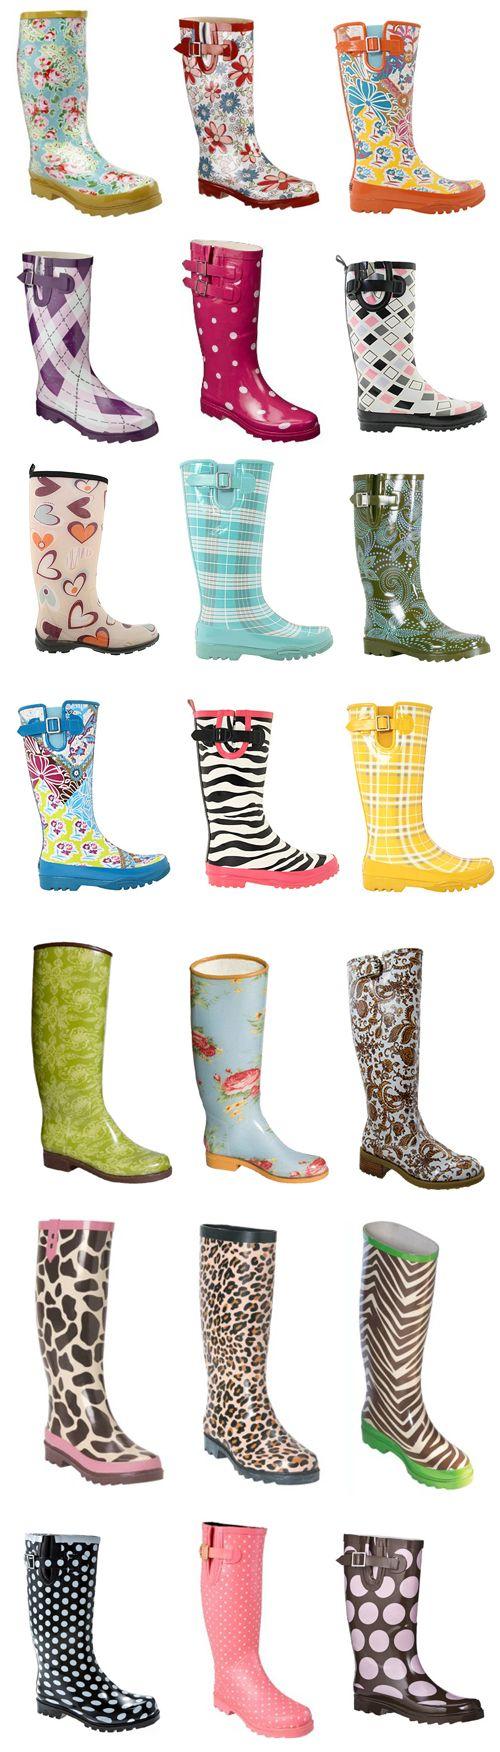 love rainboots!!!